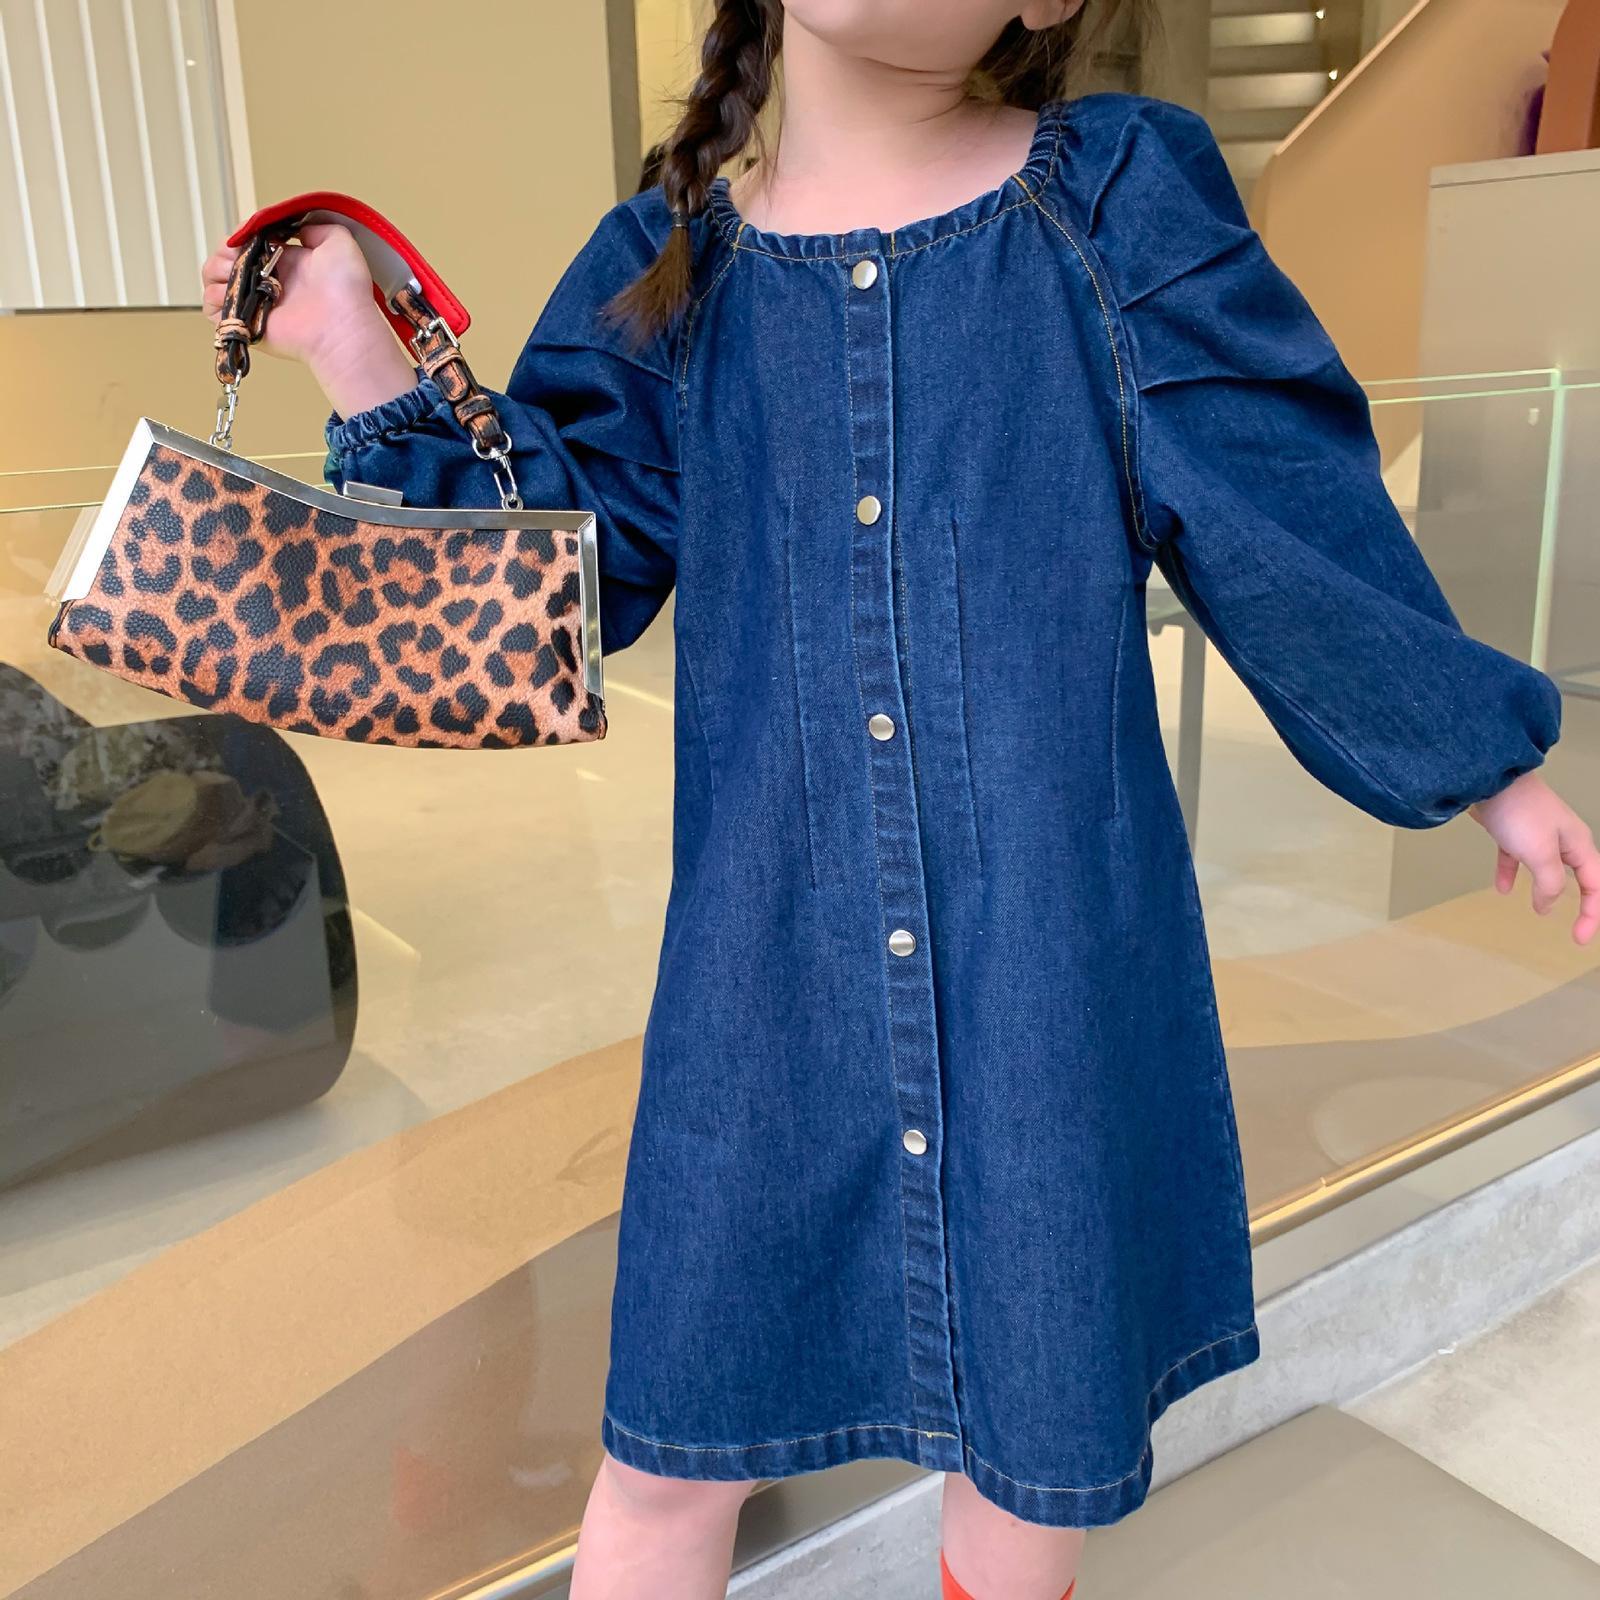 2021 novas crianças roupas meninas slim baby sleeve denim saia da criança princesa casual jean es designer vqxb